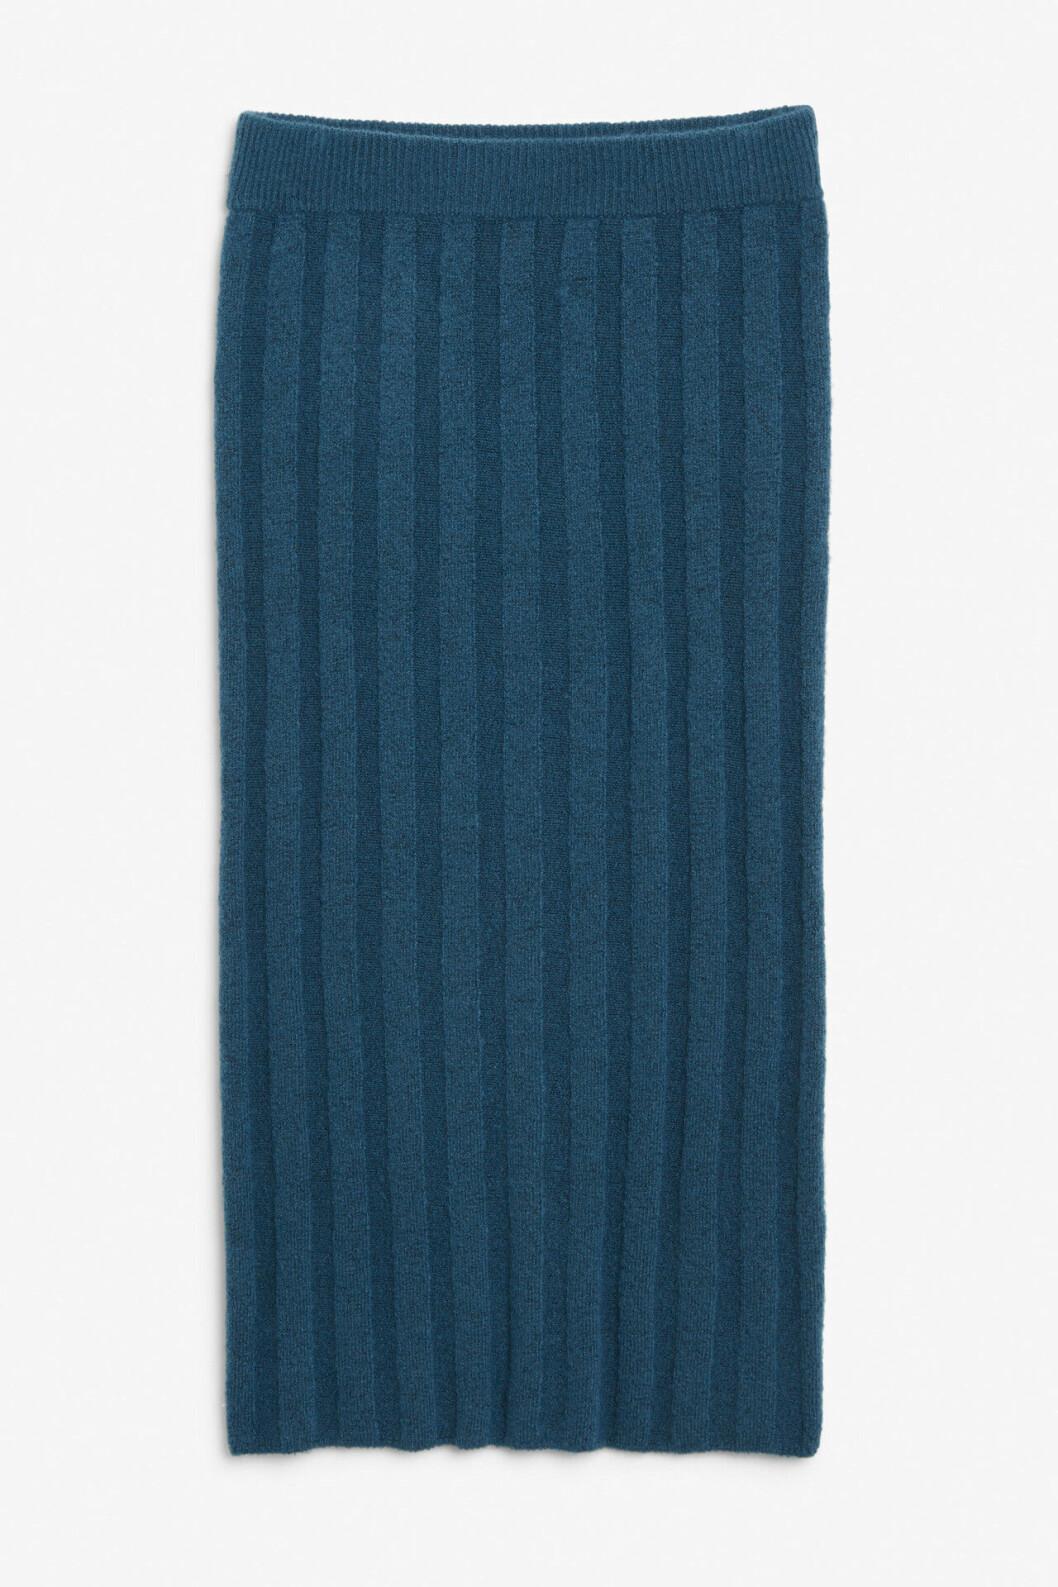 Blå stickad kjol för dam till hösten 2019